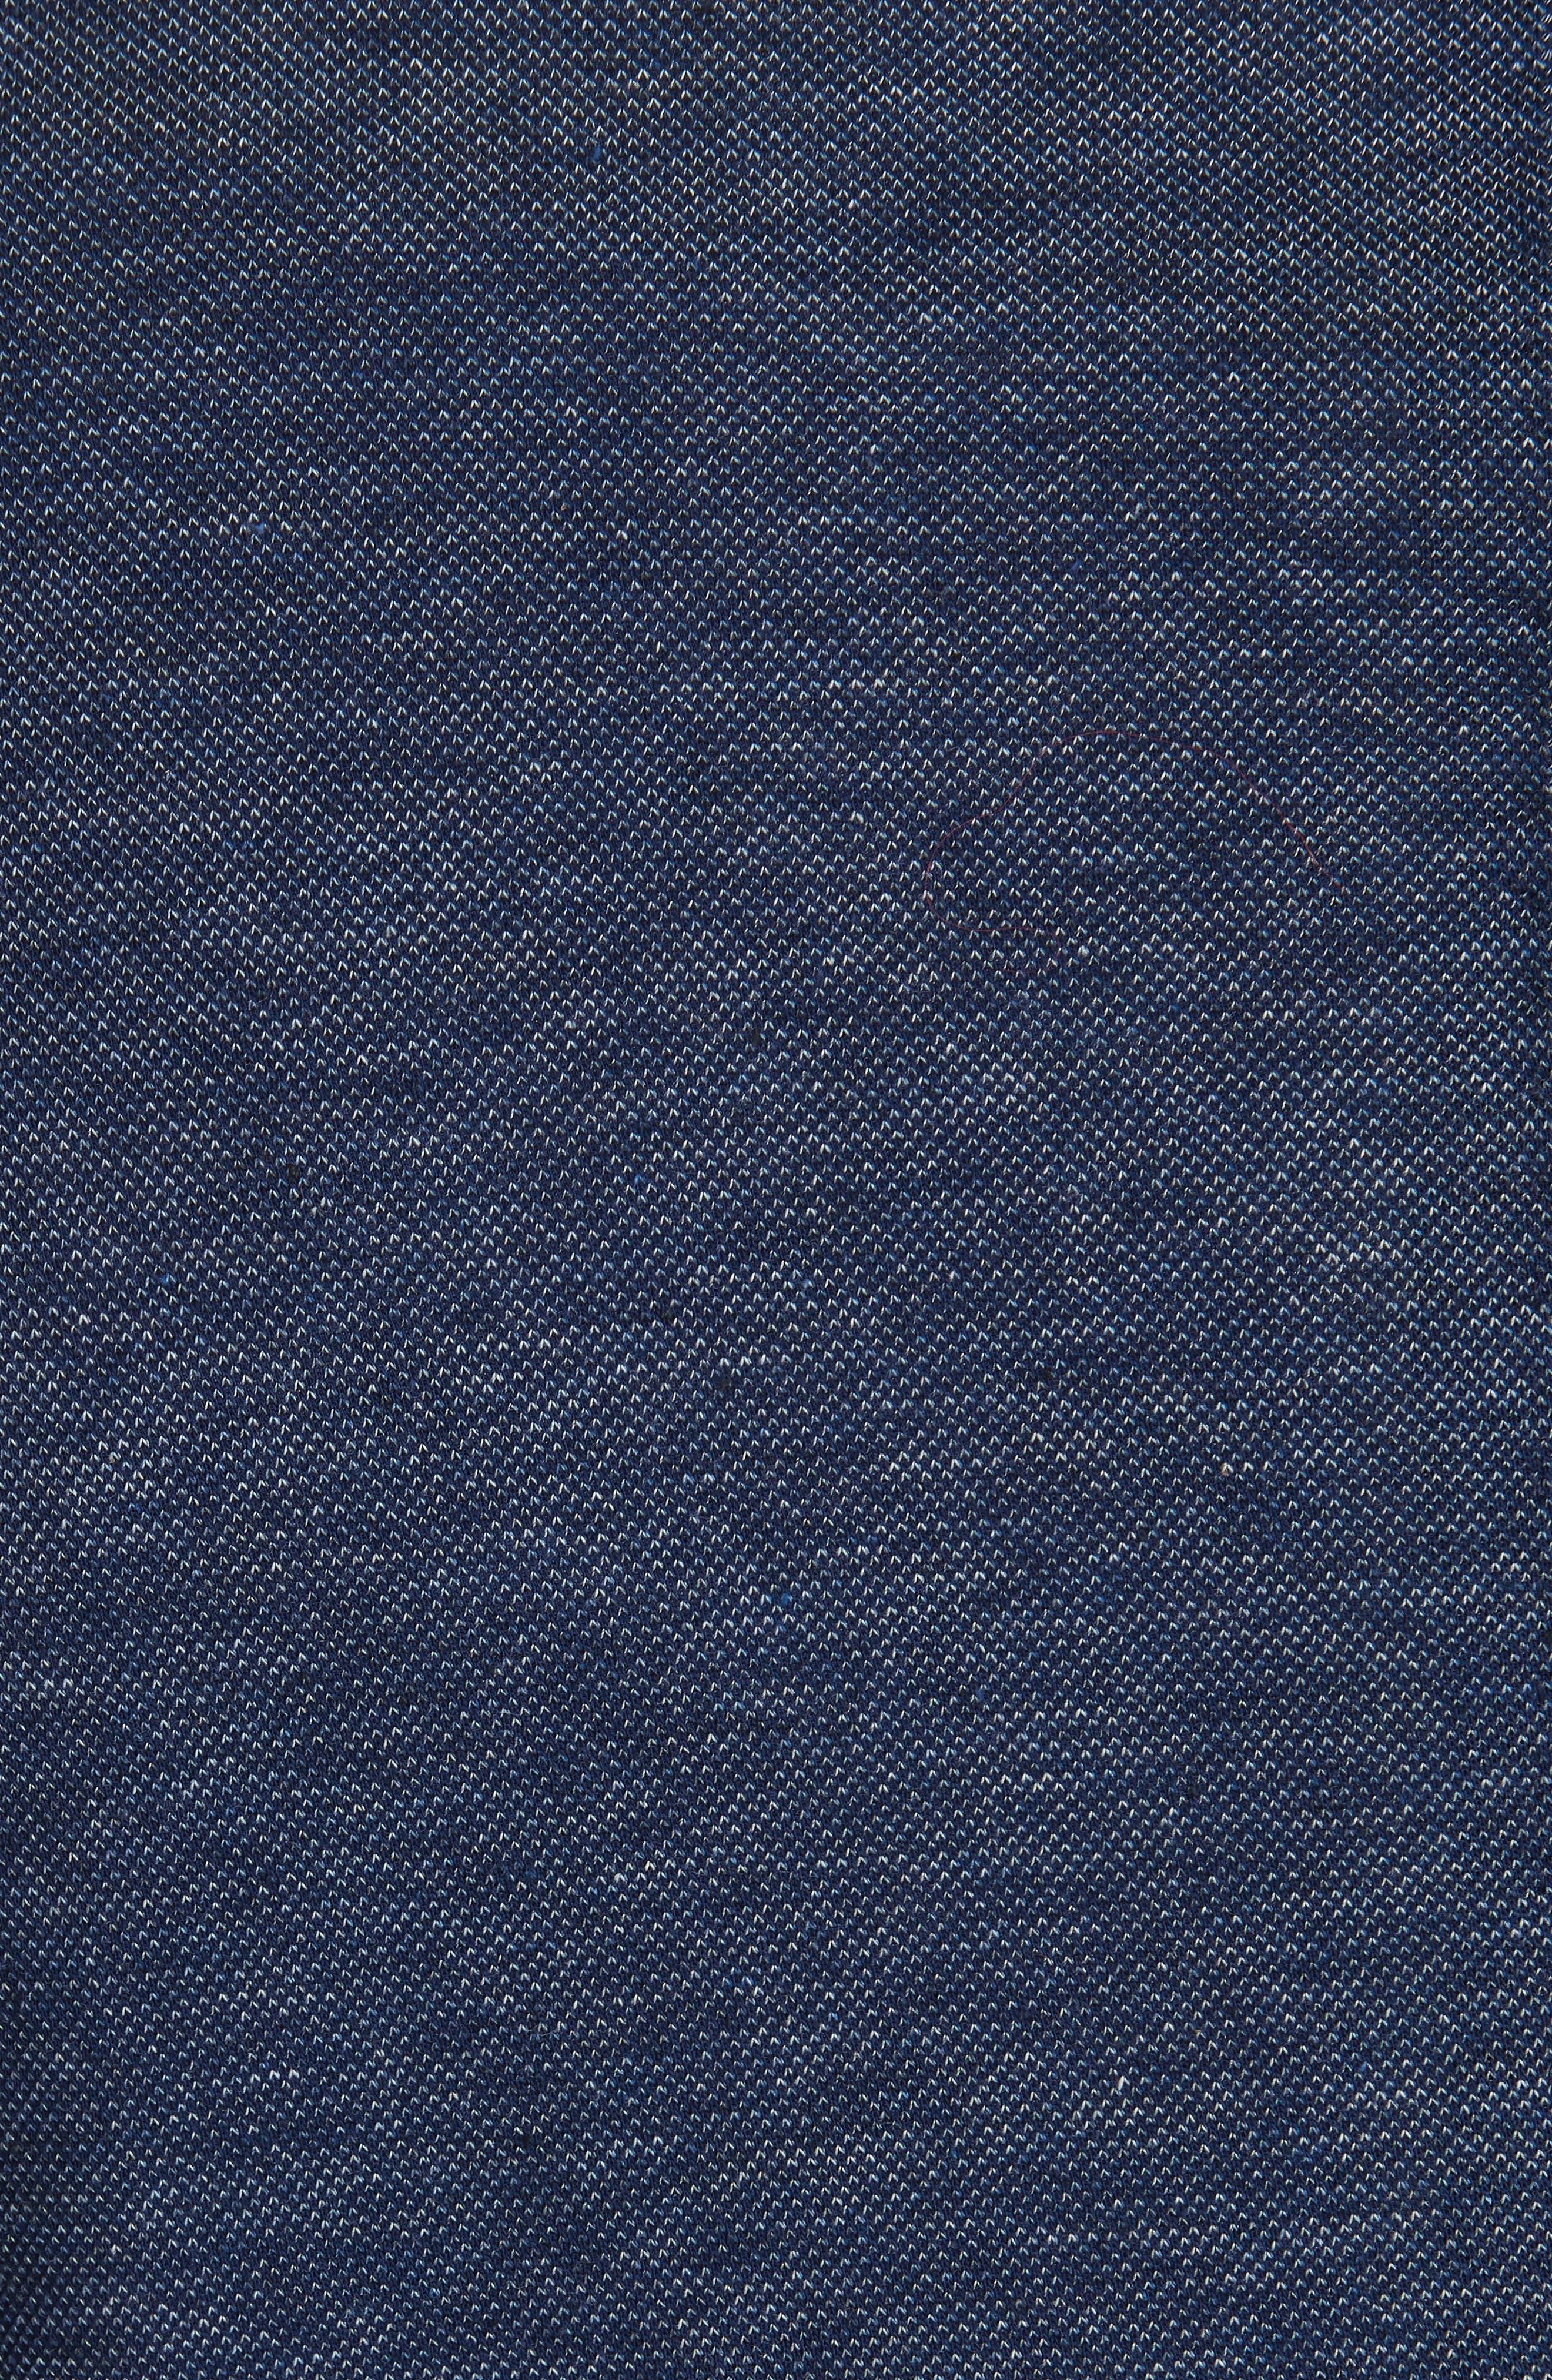 Slim Fit Cotton Blazer,                             Alternate thumbnail 6, color,                             400